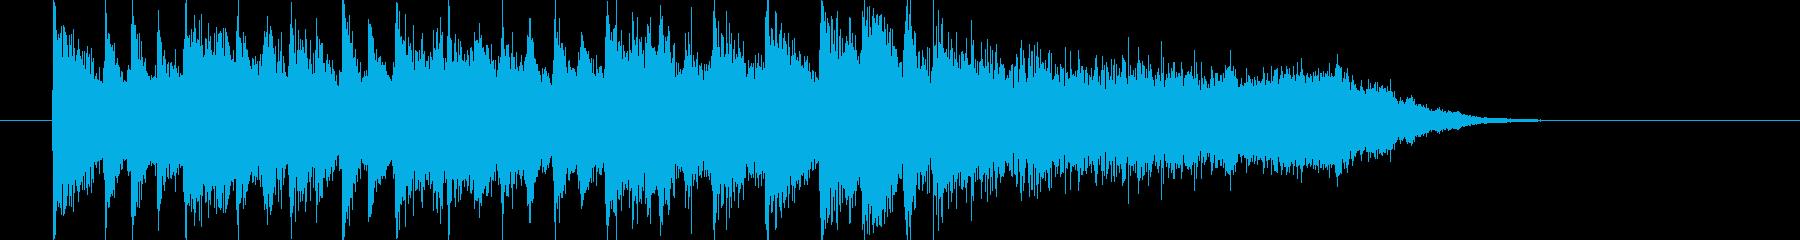 清々しくトランペットが印象的なBGMの再生済みの波形